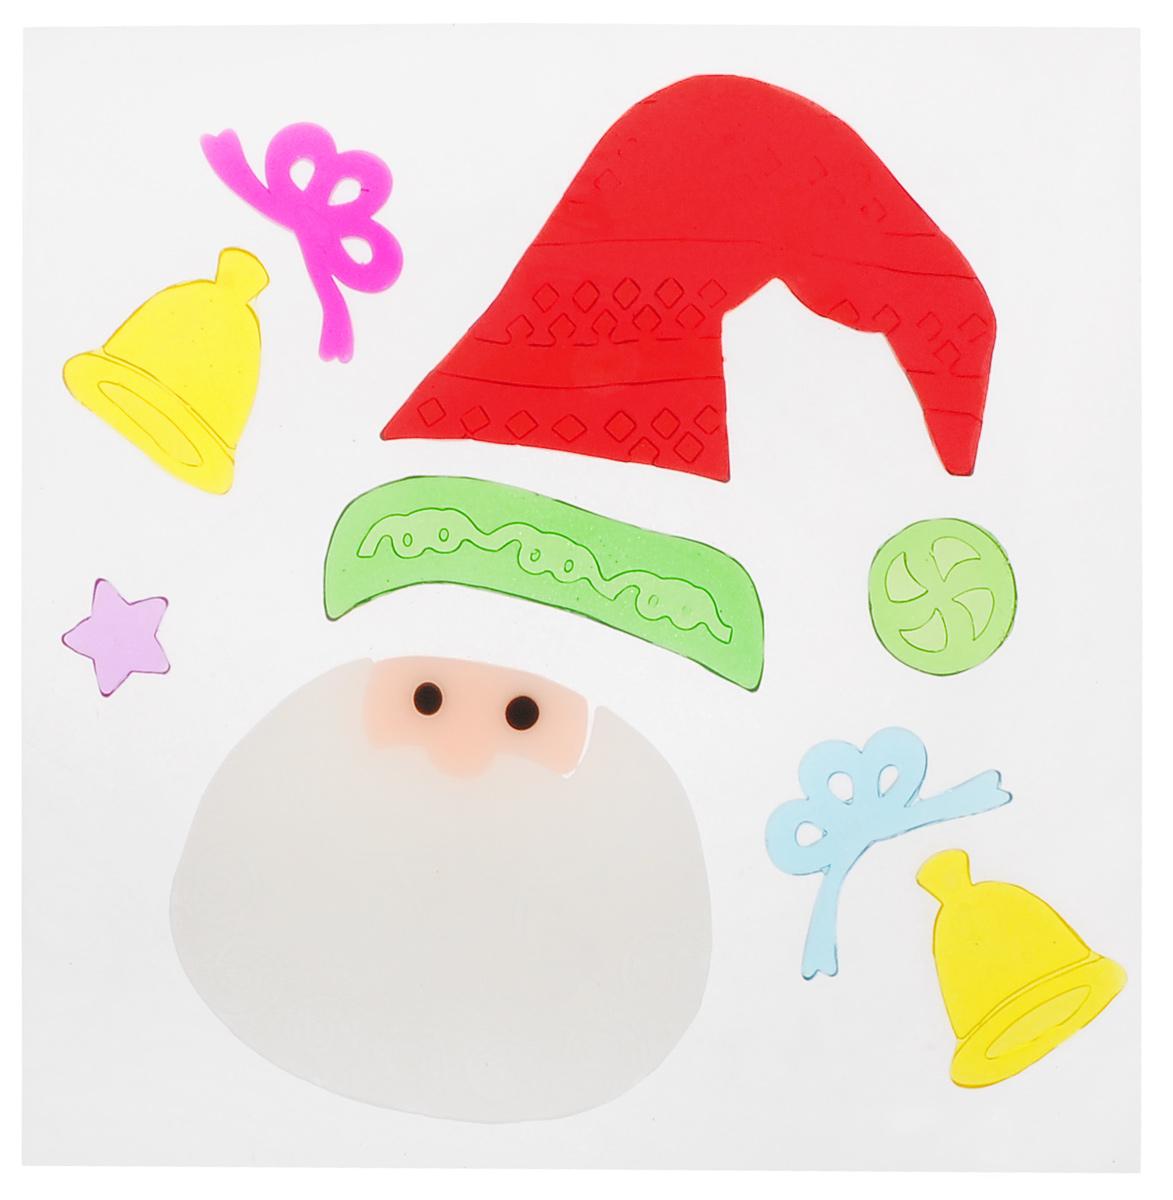 Новогоднее оконное украшение EuroHouse Аппликация. Санта, 9 штЕХ 9122Новогоднее оконное украшение EuroHouse Аппликация. Санта поможет украсить дом к предстоящим праздникам. Наклейки изготовлены из термопластика и выполнены в виде колокольчиков, колпака и лица Санта-Клауса, звезды.С помощью этих украшений вы сможете оживить интерьер по своему вкусу, наклеить их на окно или на зеркало.Новогодние украшения всегда несут в себе волшебство и красоту праздника. Создайте в своем доме атмосферу тепла, веселья и радости, украшая его всей семьей. Размер самой большой наклейки: 9,2 см х 7,5 см. Размер самой маленькой наклейки: 2 см х 2 см.